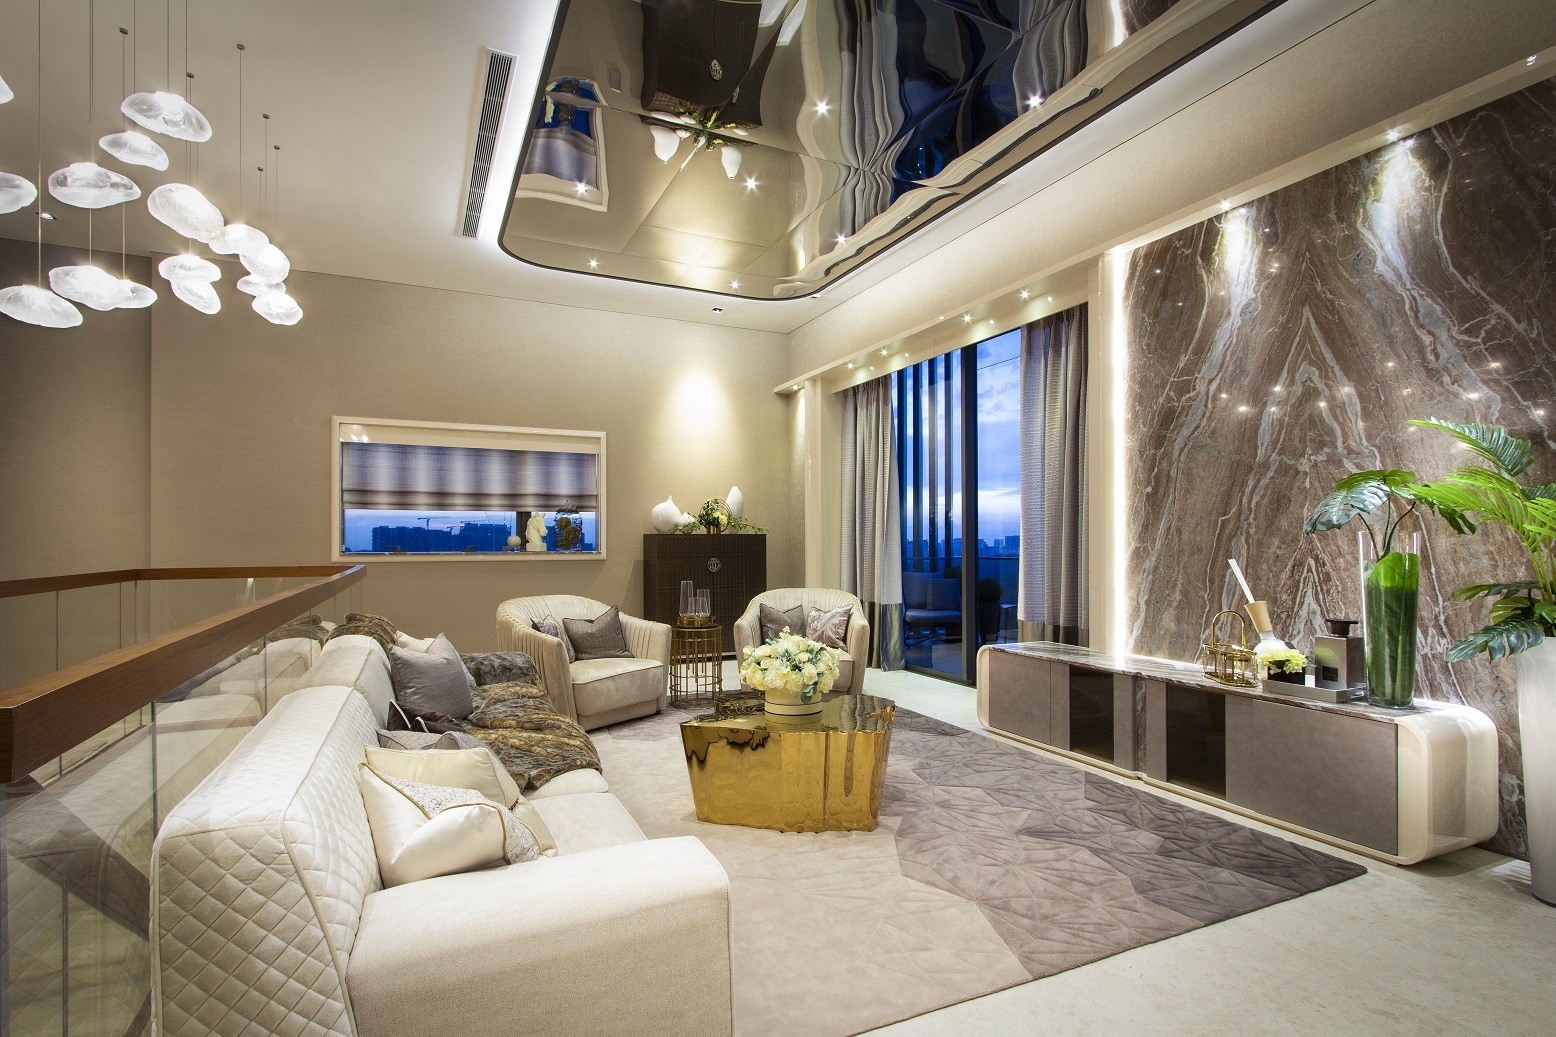 这套五卧复式顶层公寓(6,555 平方英尺)的客厅,由 SuMisura 负责装修设计(照片来源: SuMisura)。